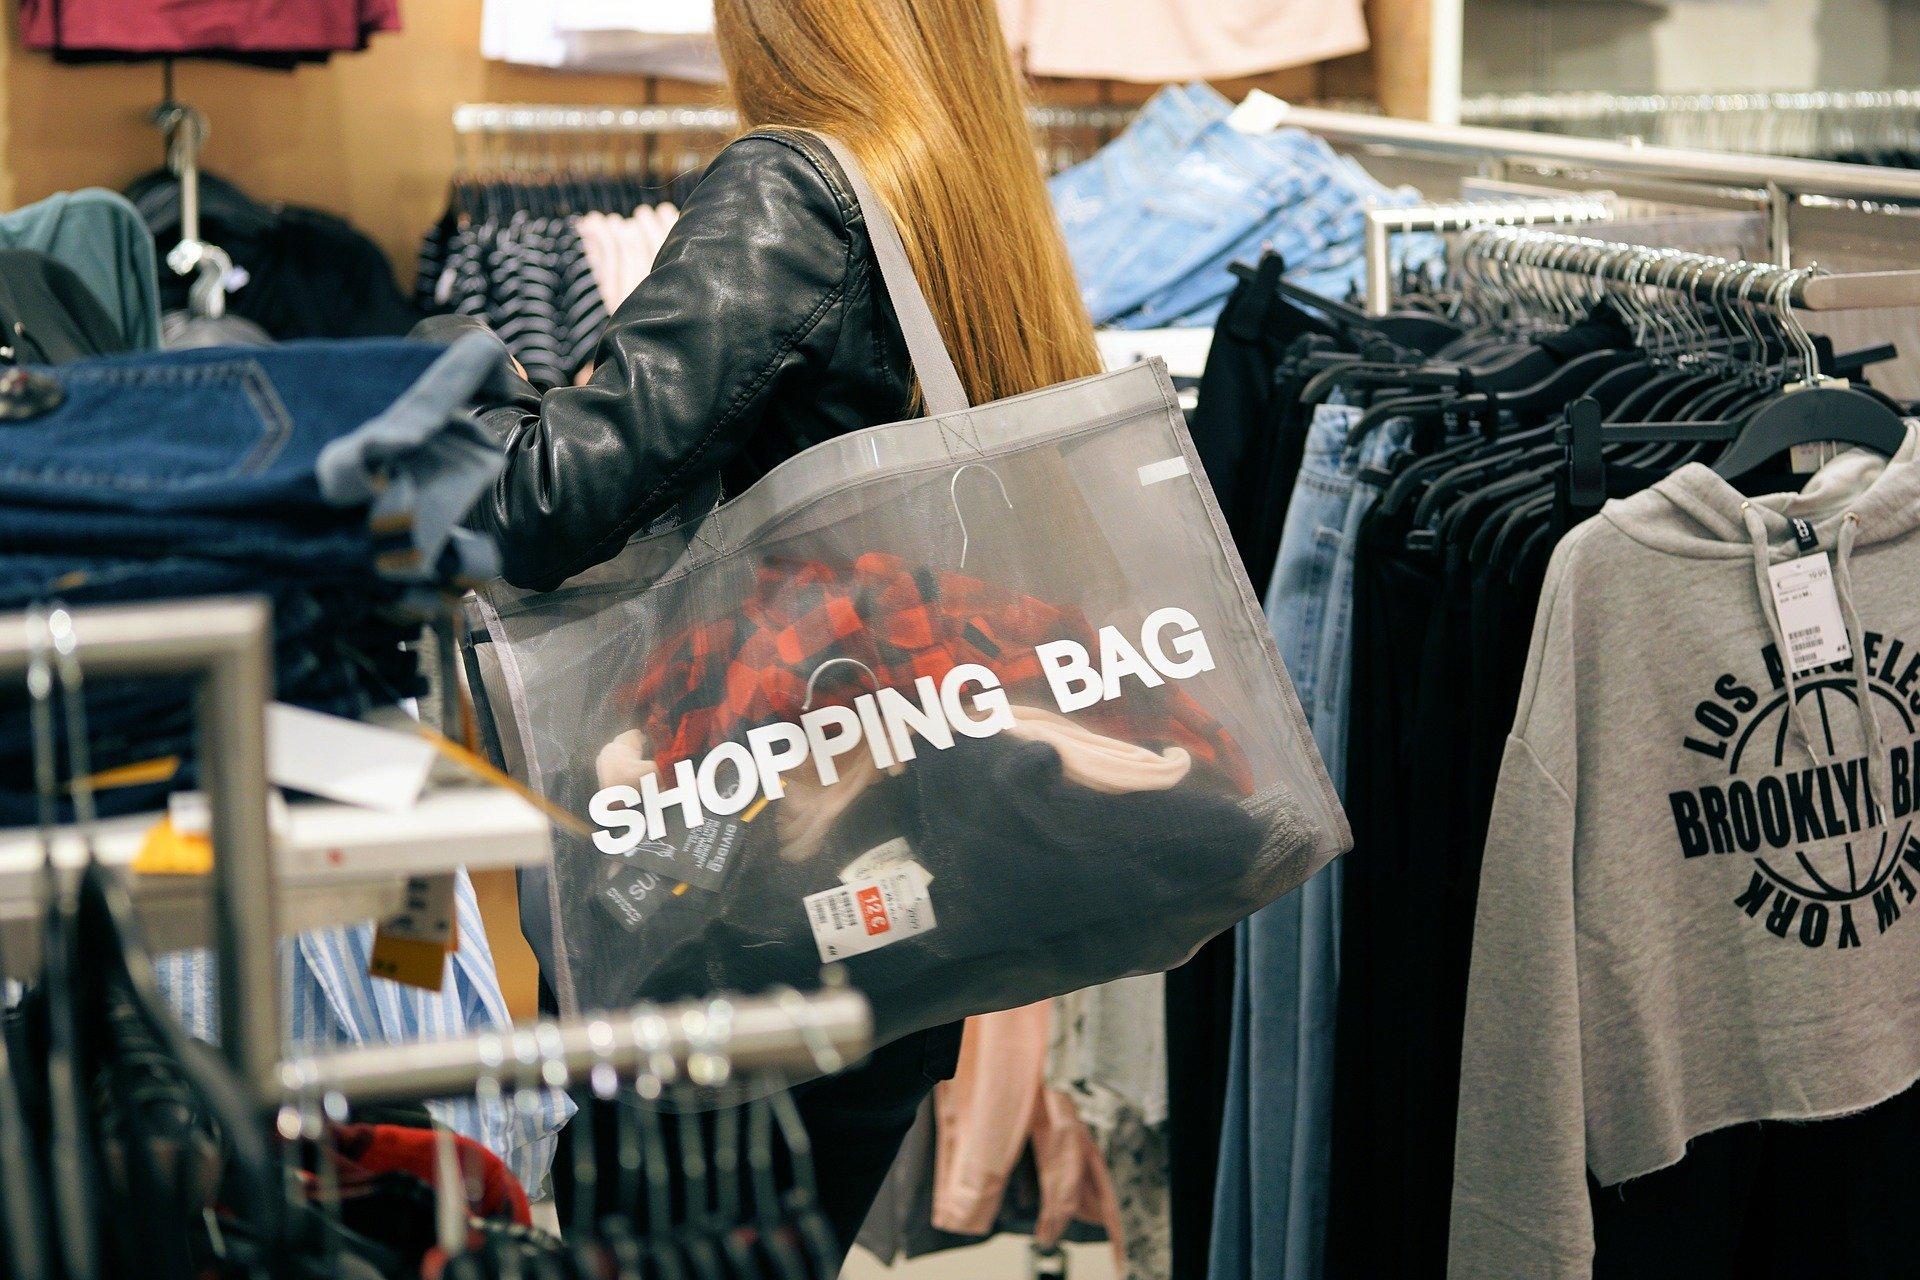 Geschäfte laden wieder zum Bummeln ein. Innenstädte beleben sich neu – auch in Sangerhausen. FOTO: ANDREAS LISCHKA/PIXABAY.COM